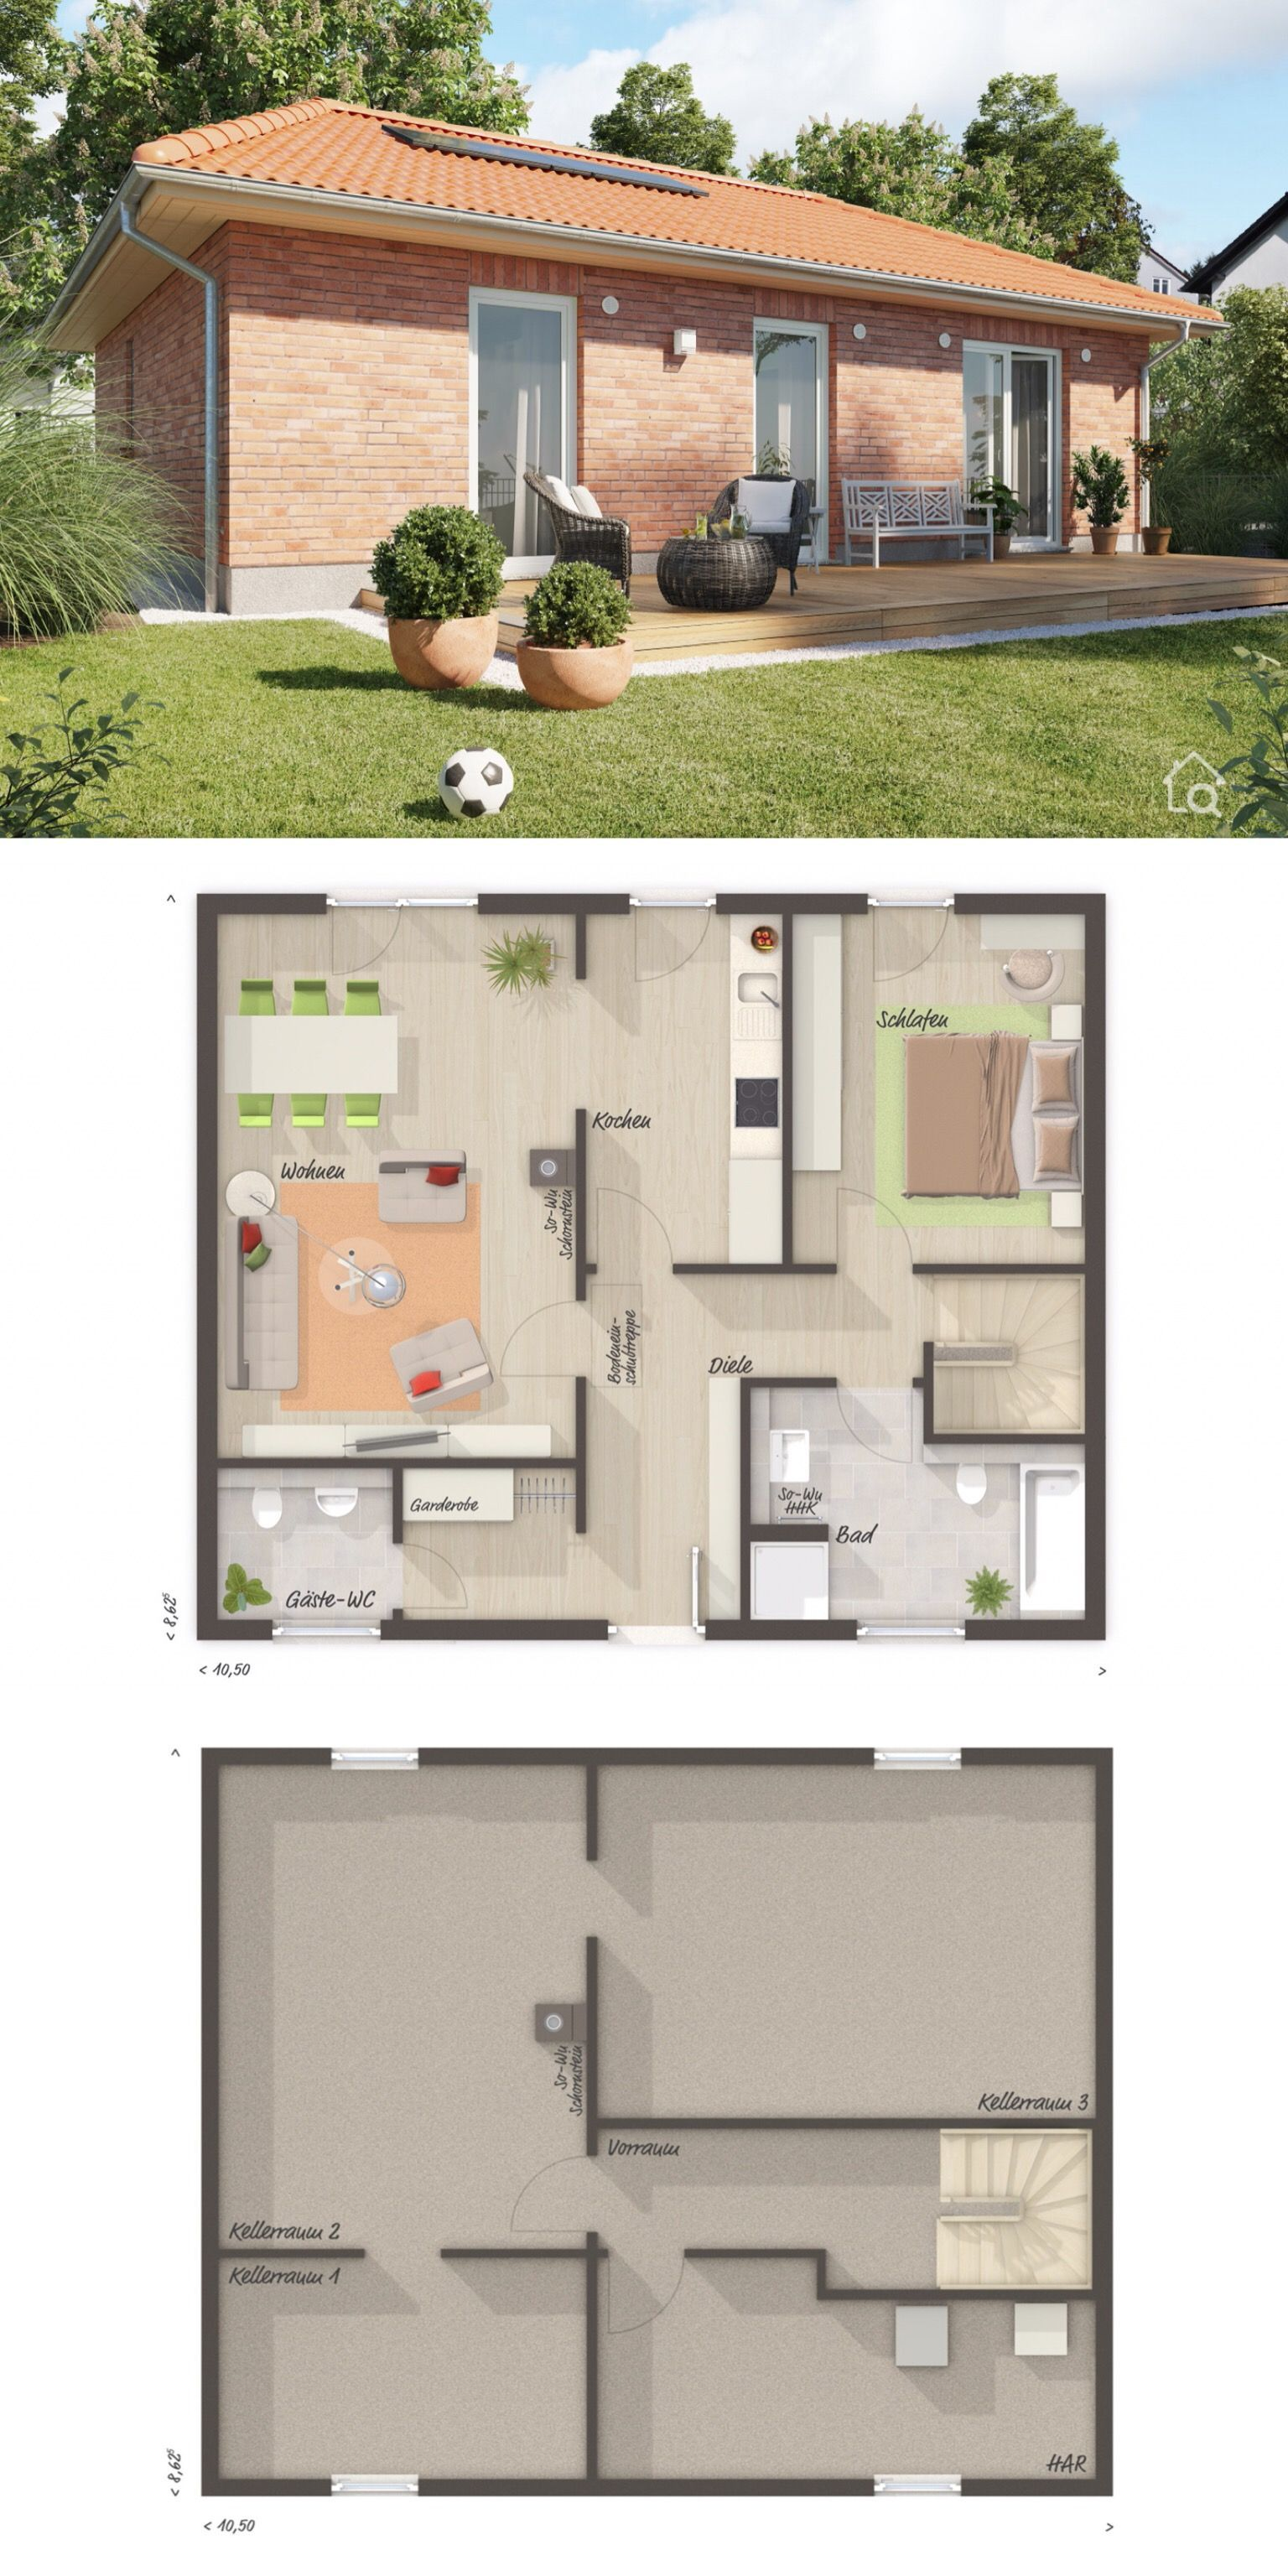 Bungalow Haus Grundriss klein für 2 Personen mit Walmdach